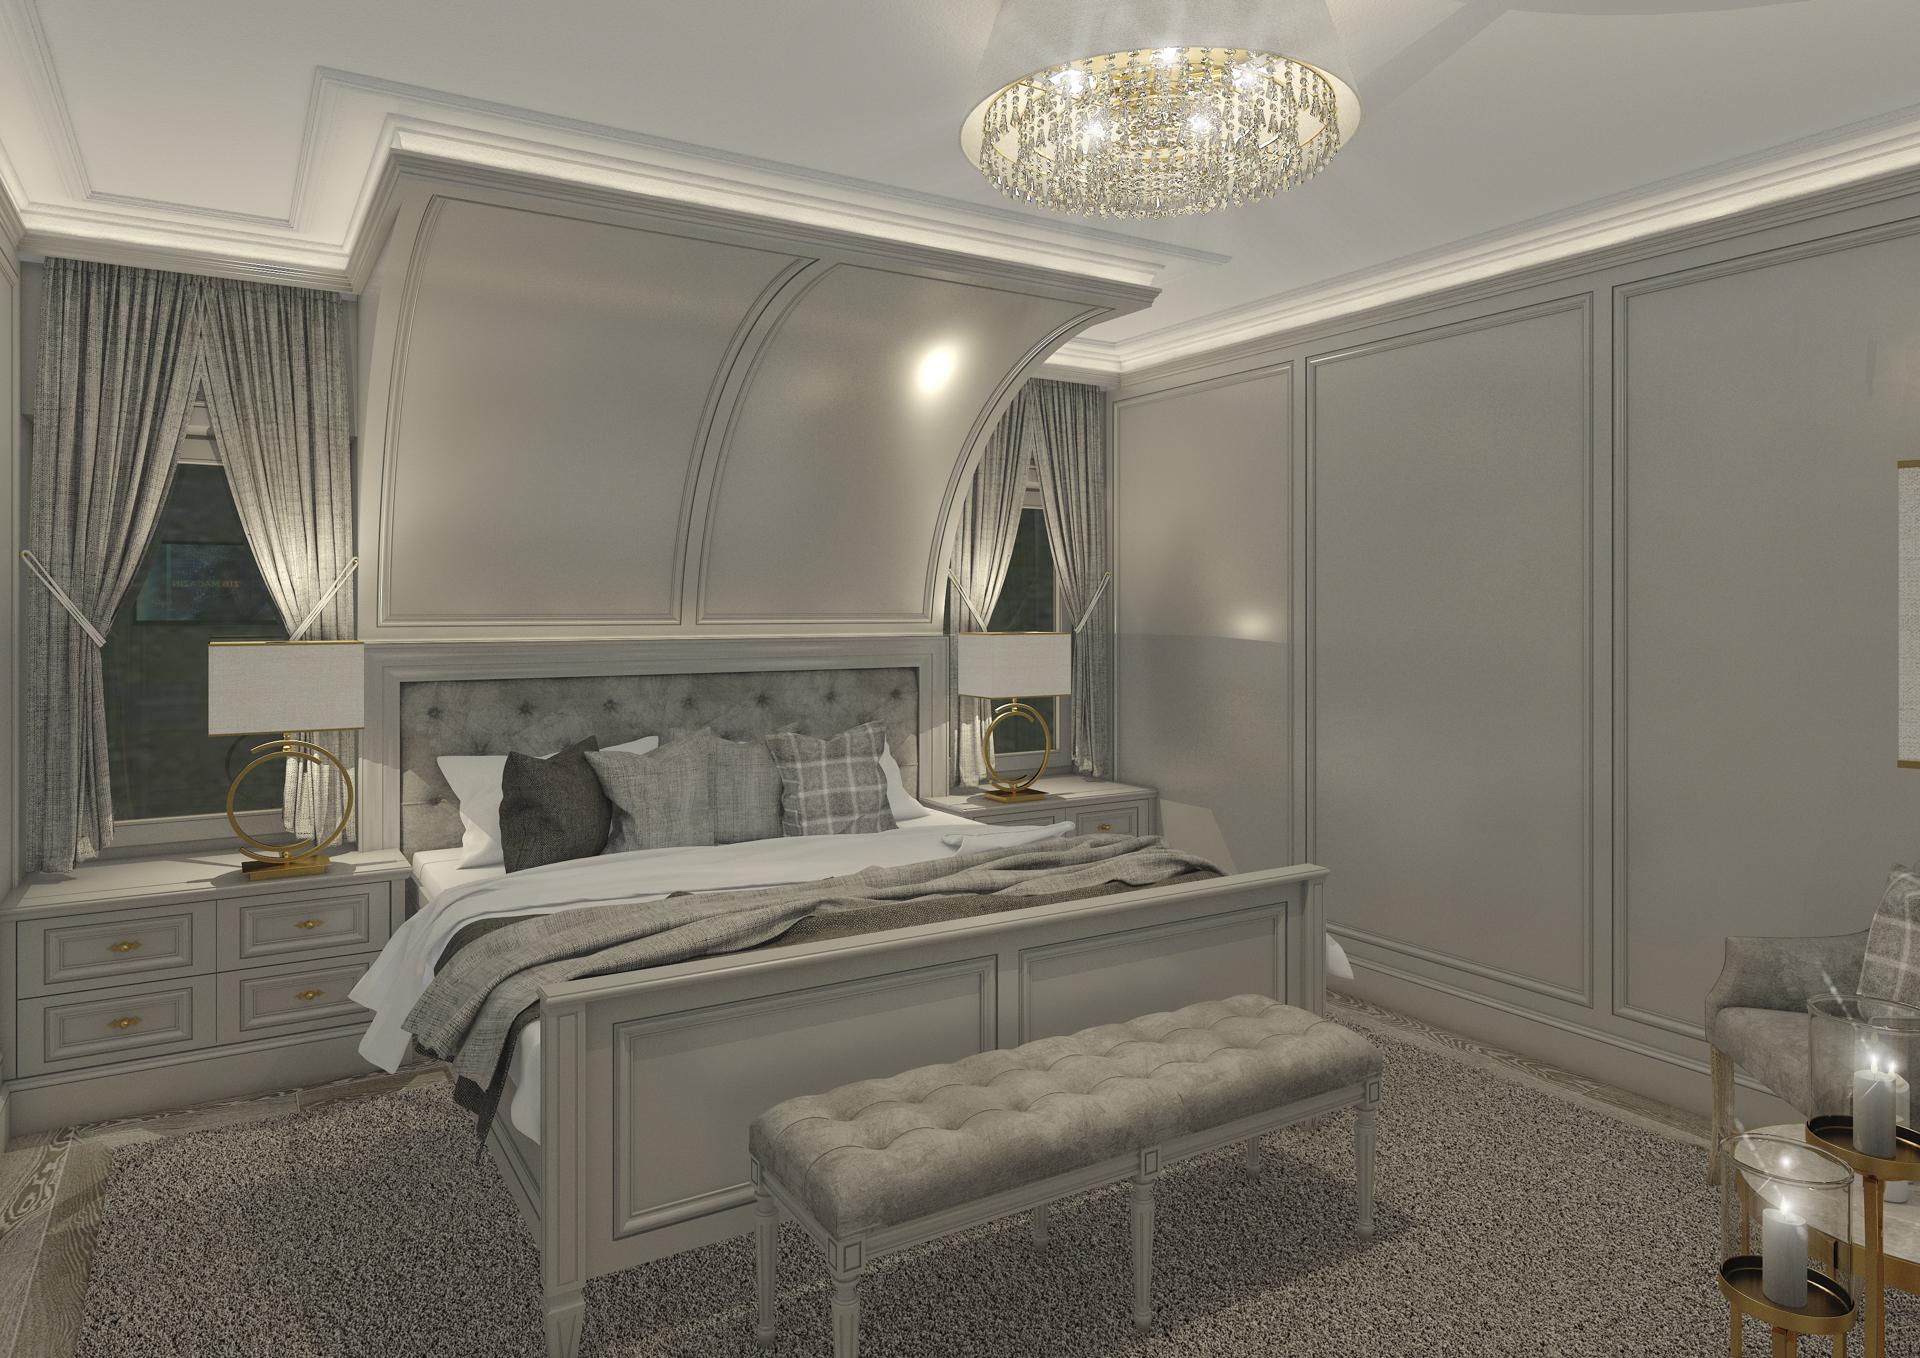 tischlerei-decker-visualisierungen-Klassisch-Masterschlafzimmer